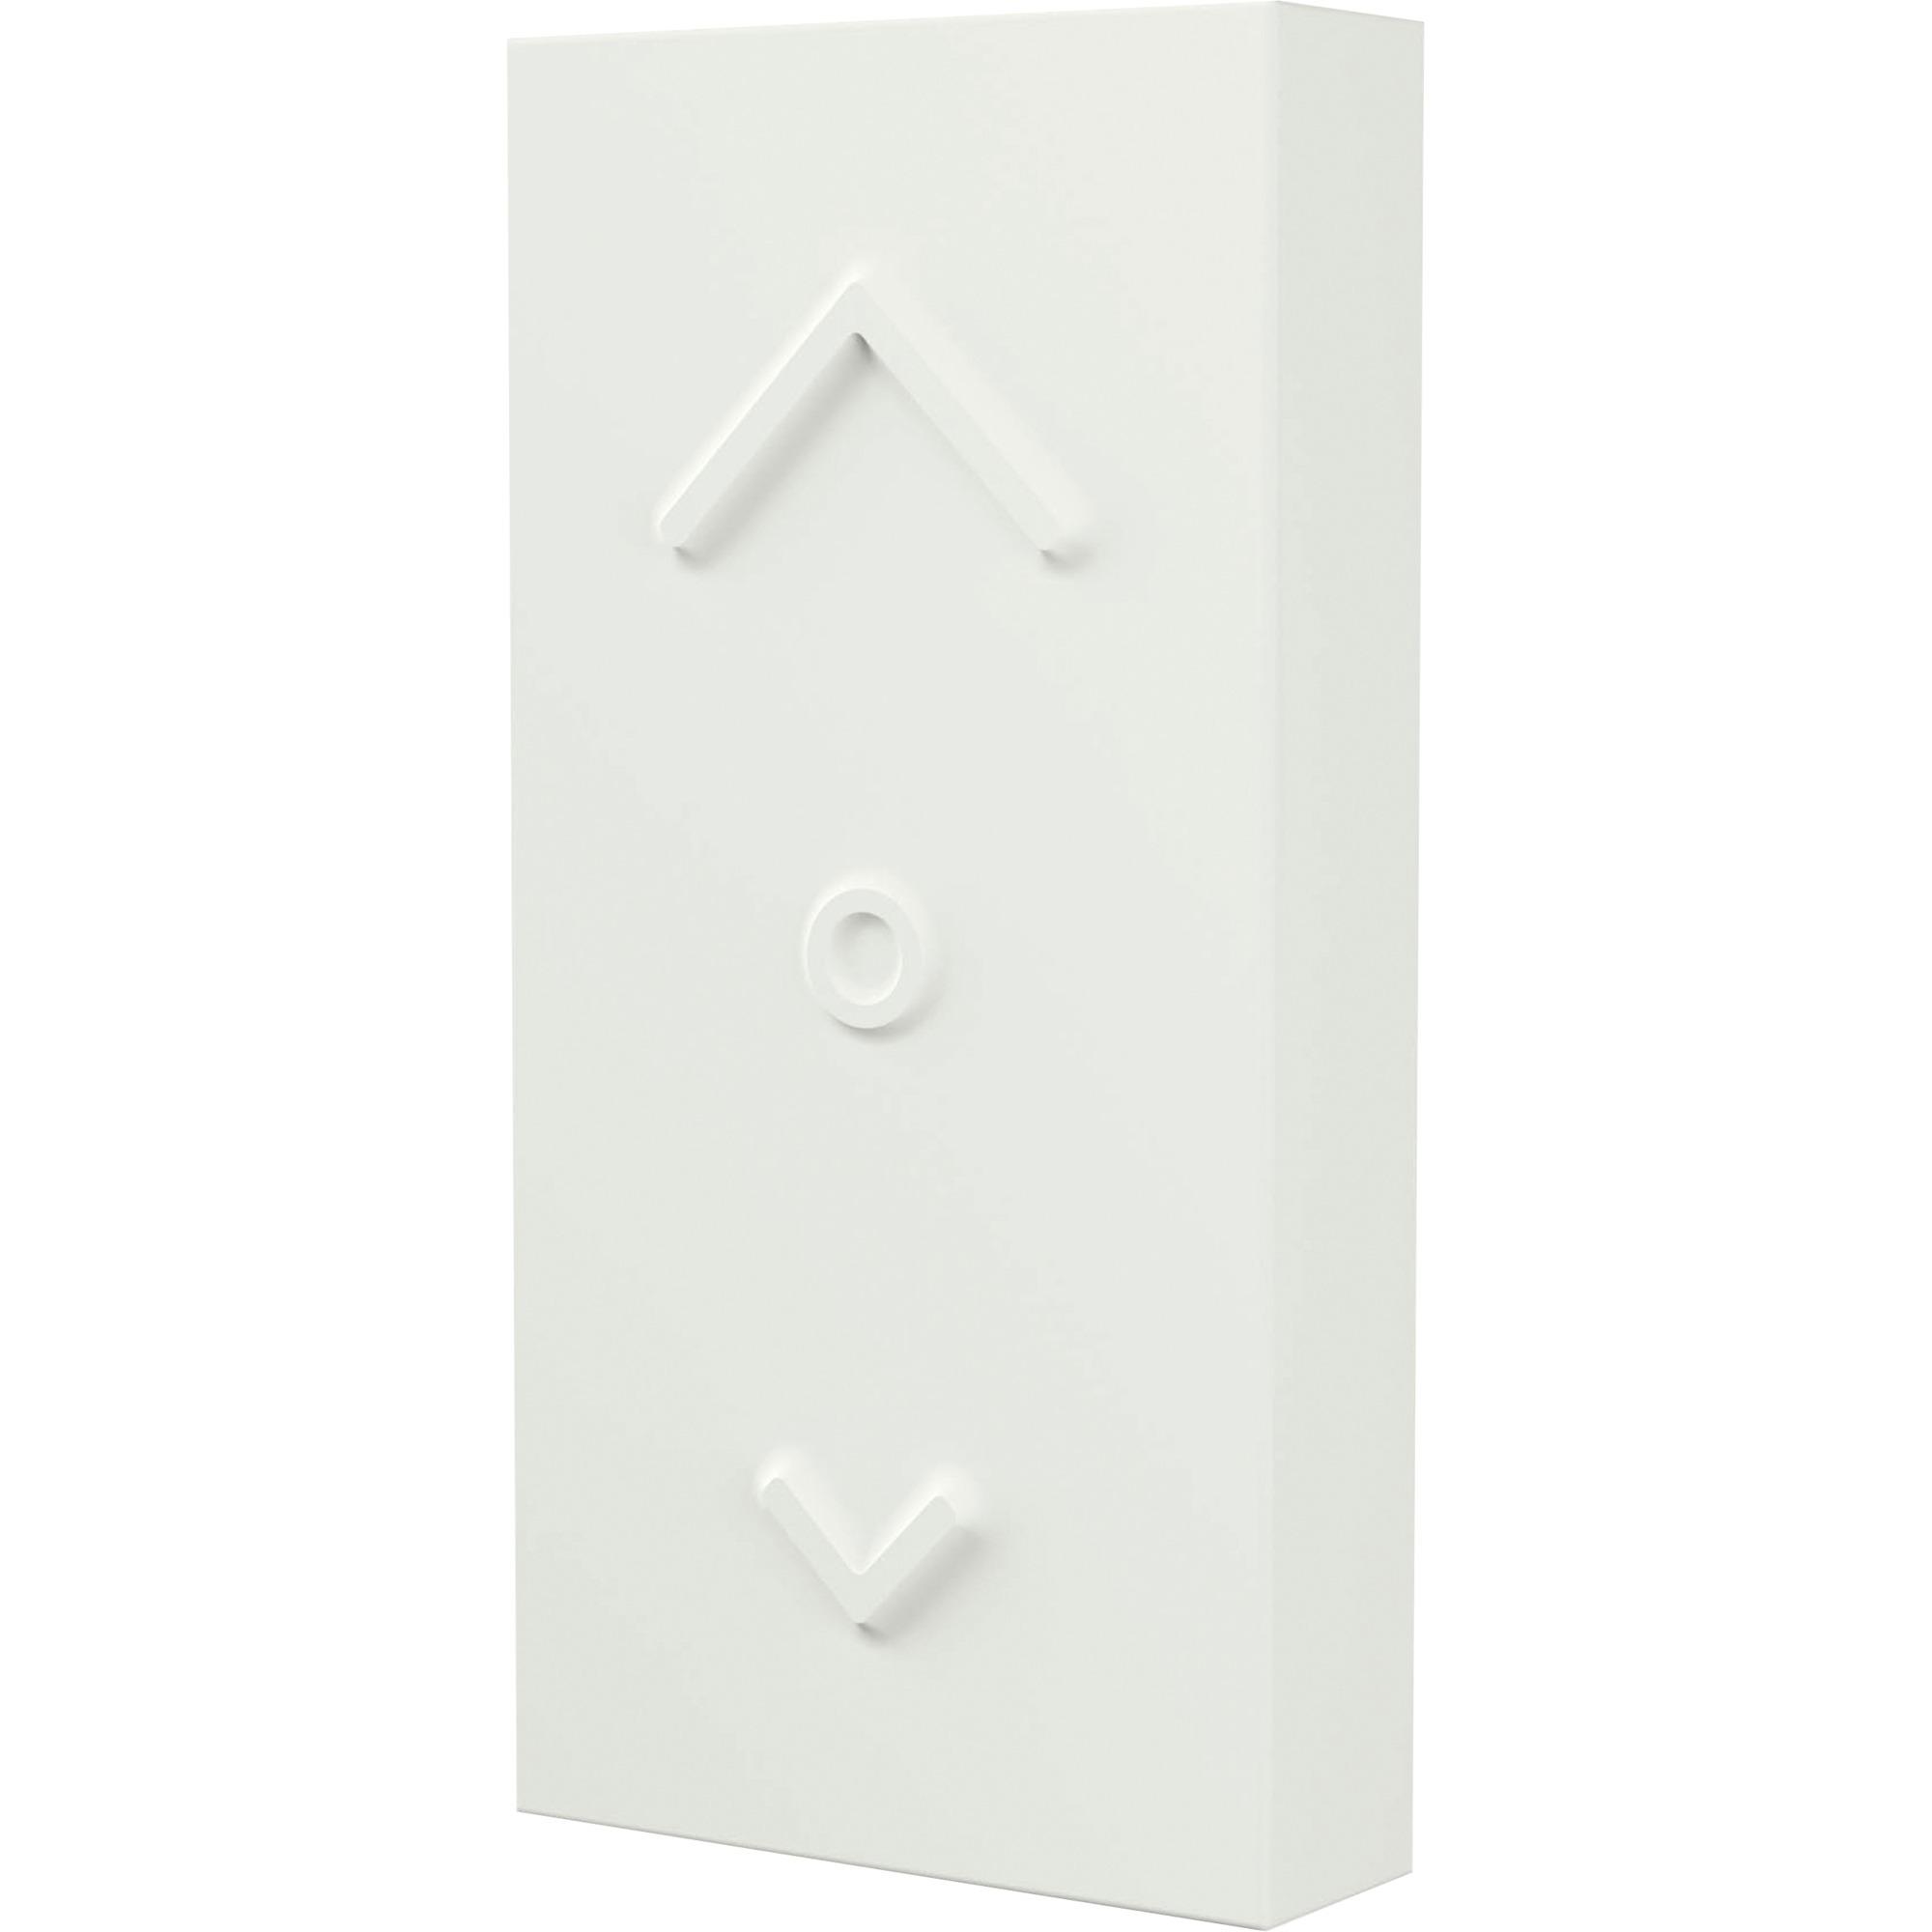 4058075816473 interruptor eléctrico Blanco, Mando a distancia